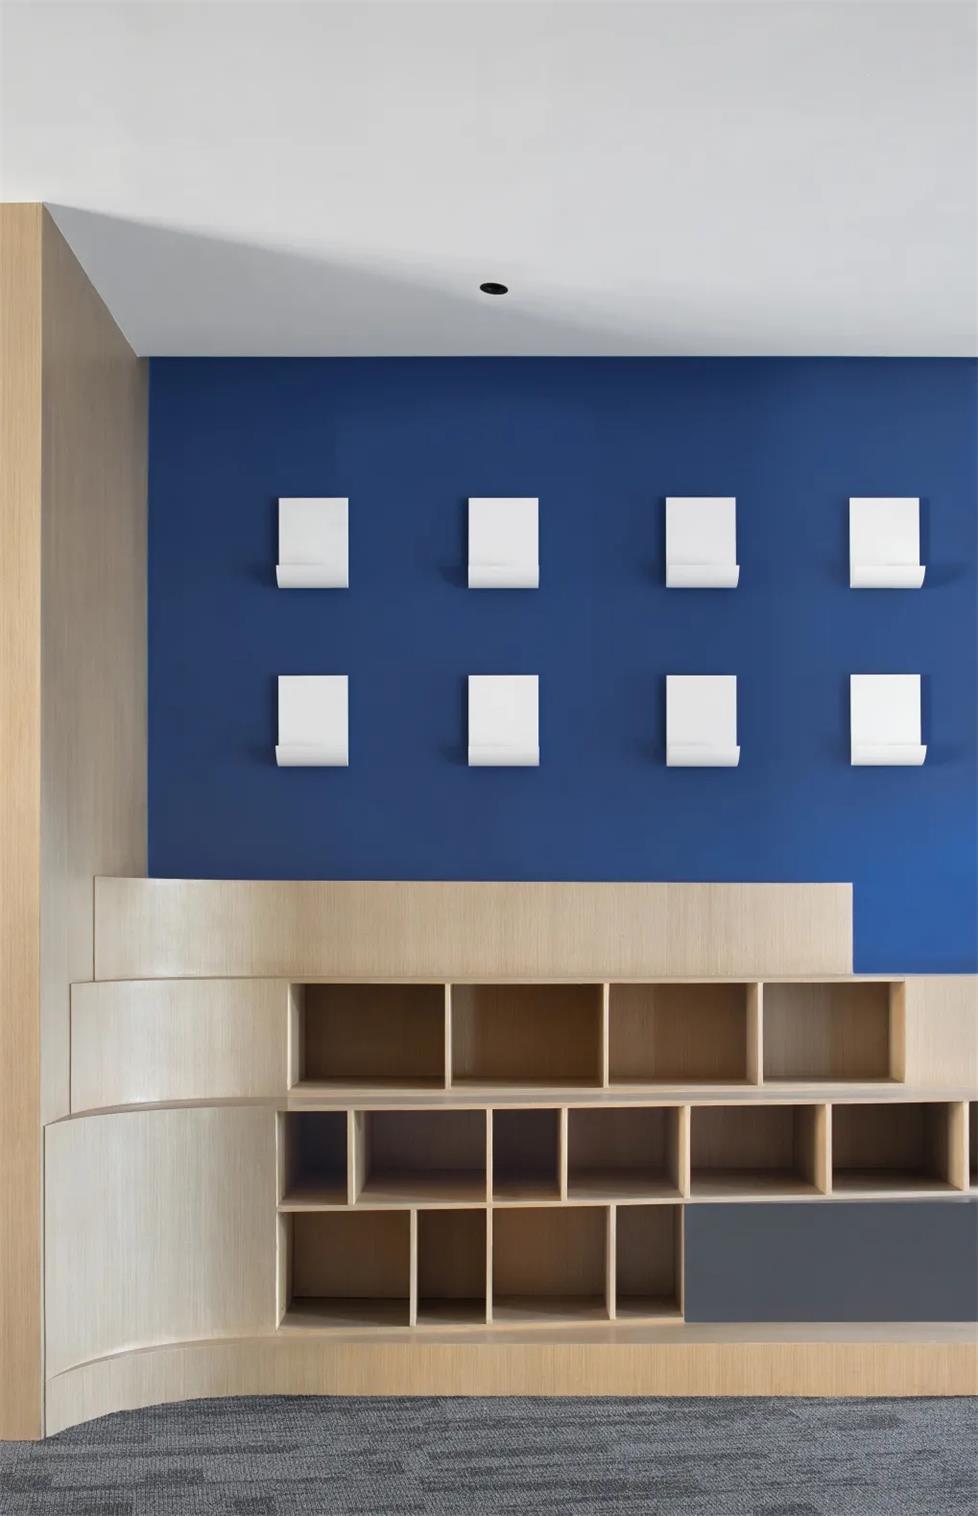 办公室展示区落地柜设计